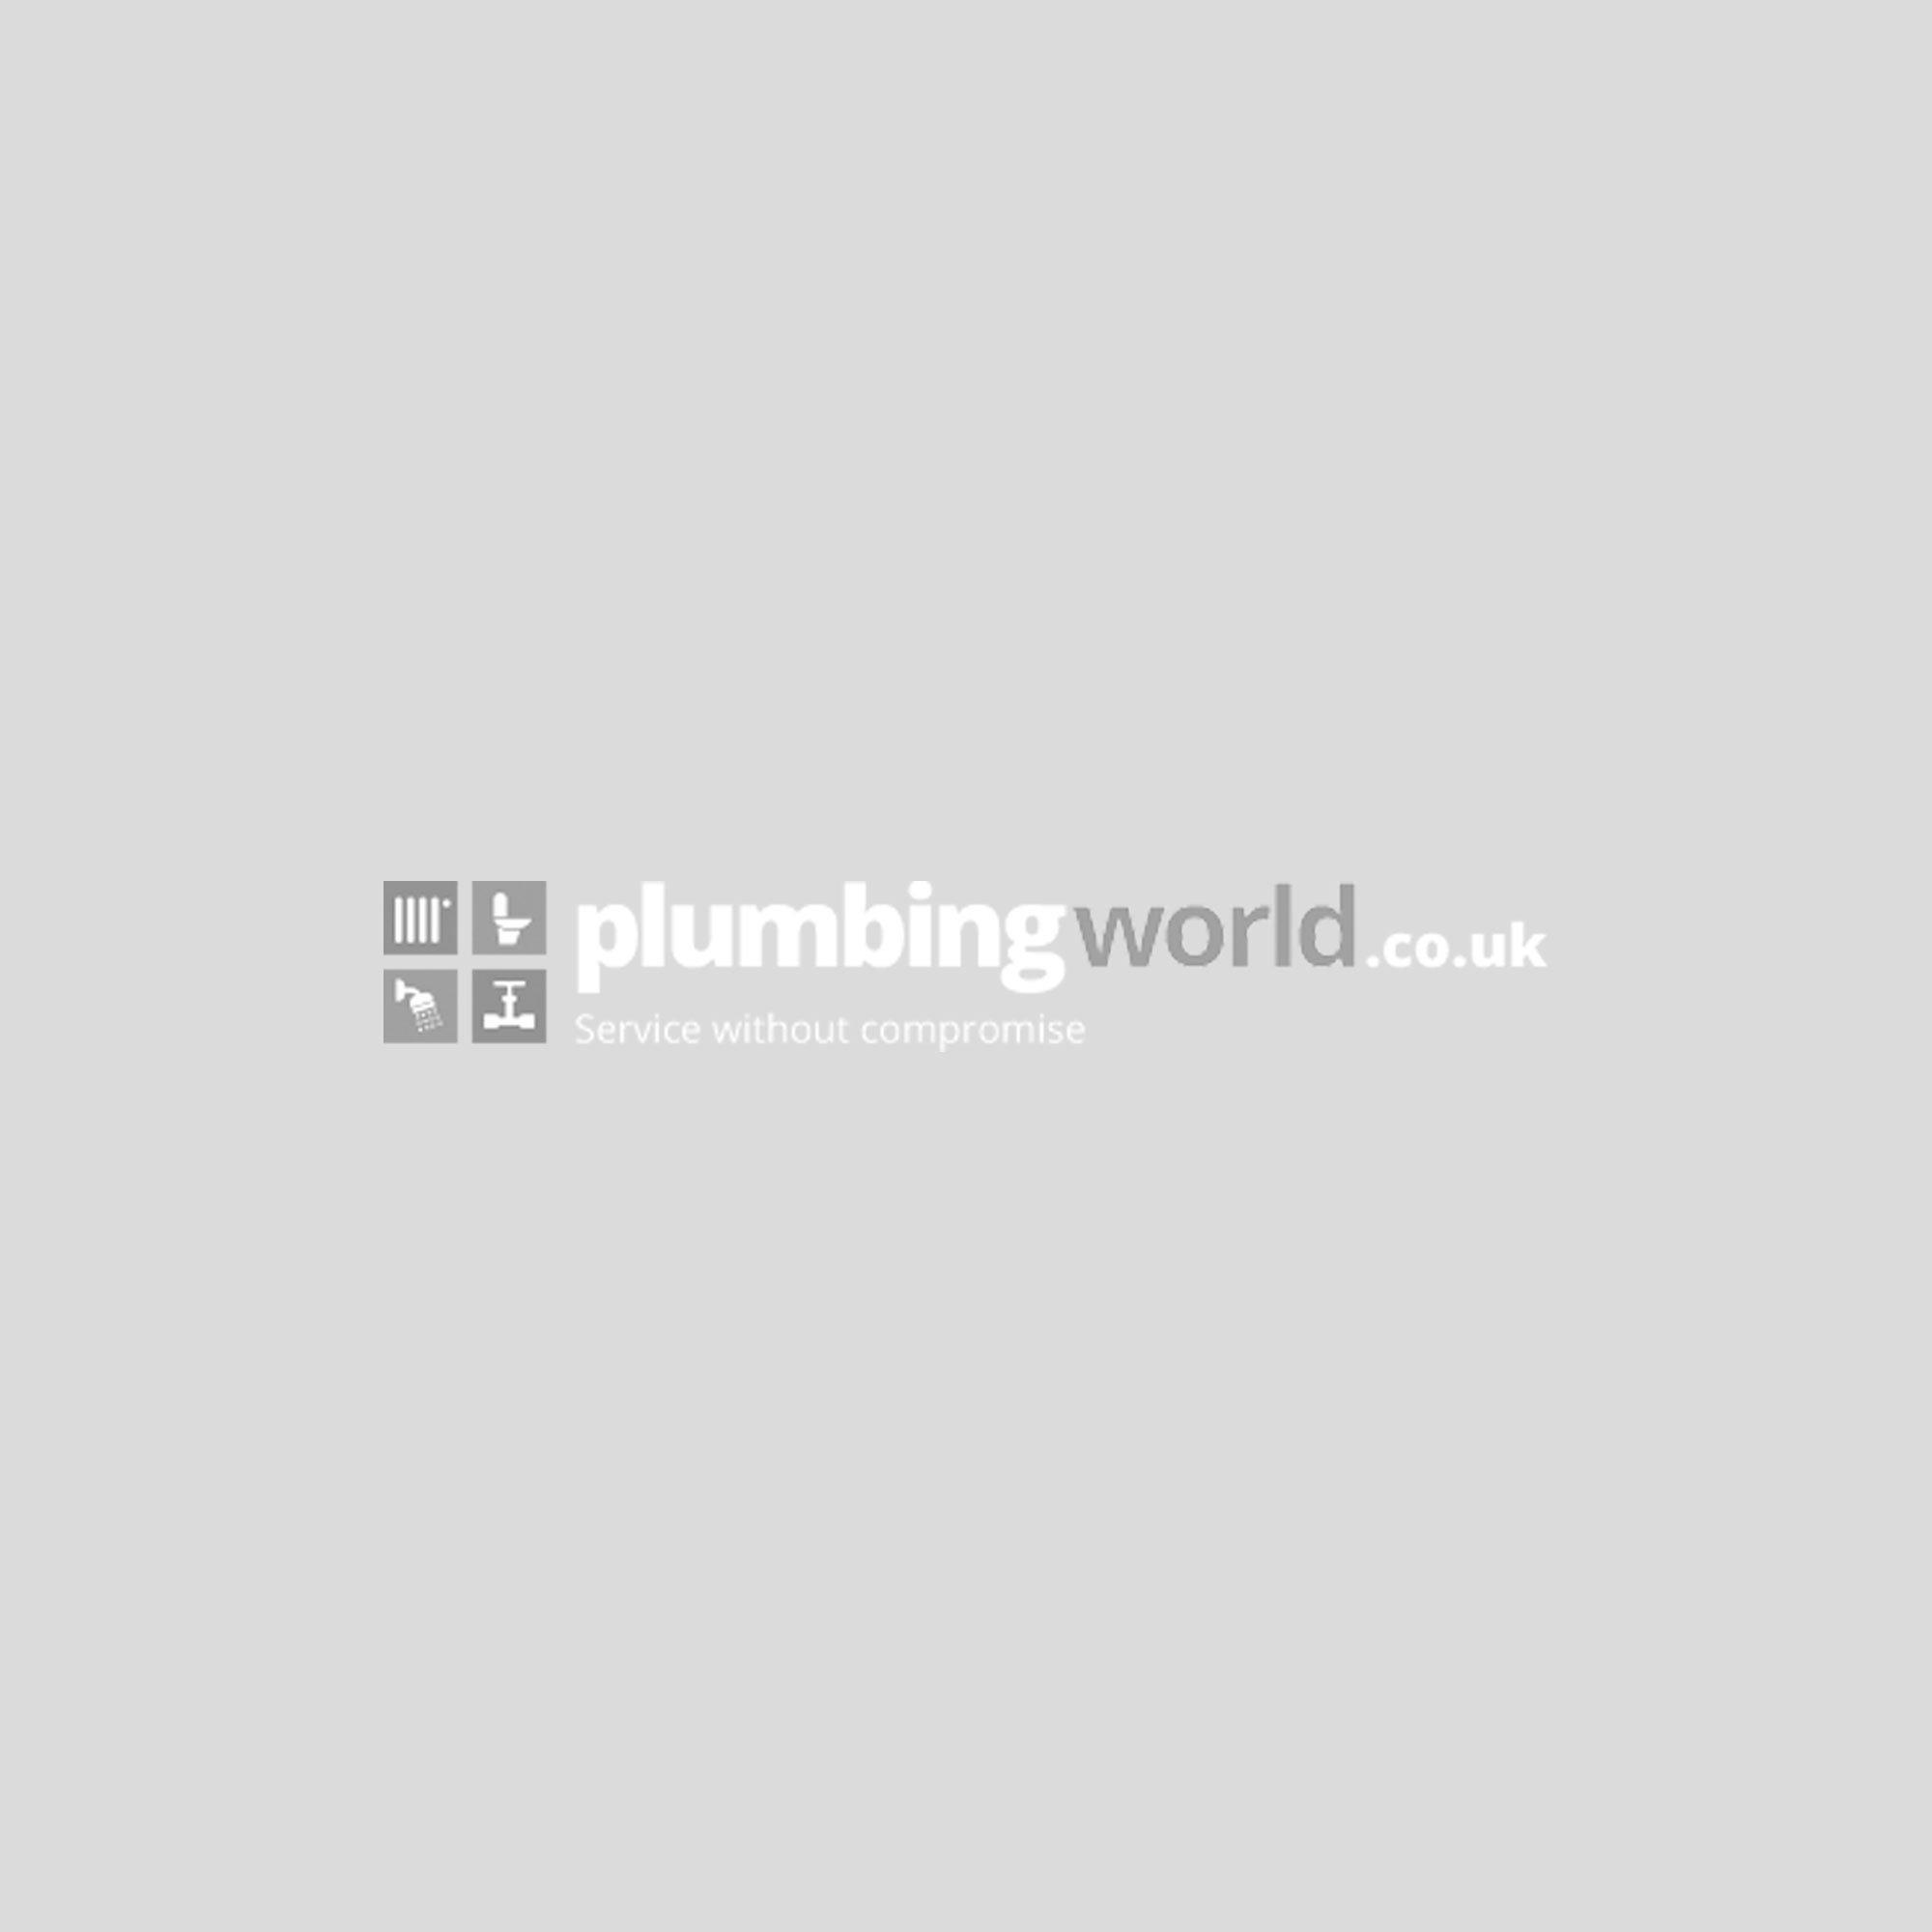 Celmac Crescent Junior Thermoplastic Toilet Seat - White